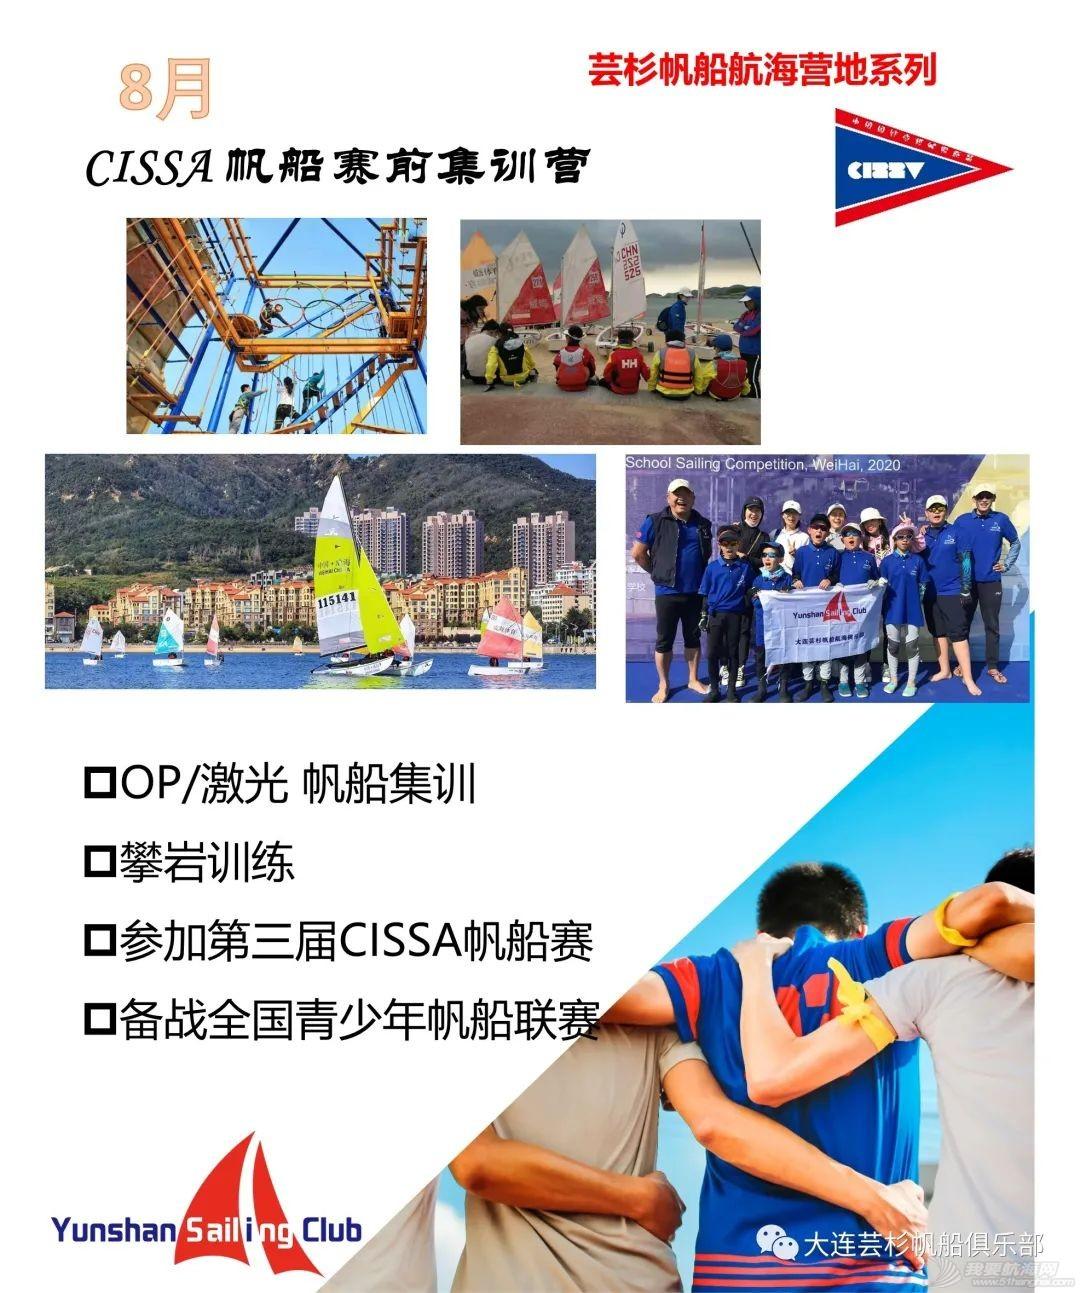 【又玩又学习,又练又比赛】2021威海帆船训练游学营w8.jpg